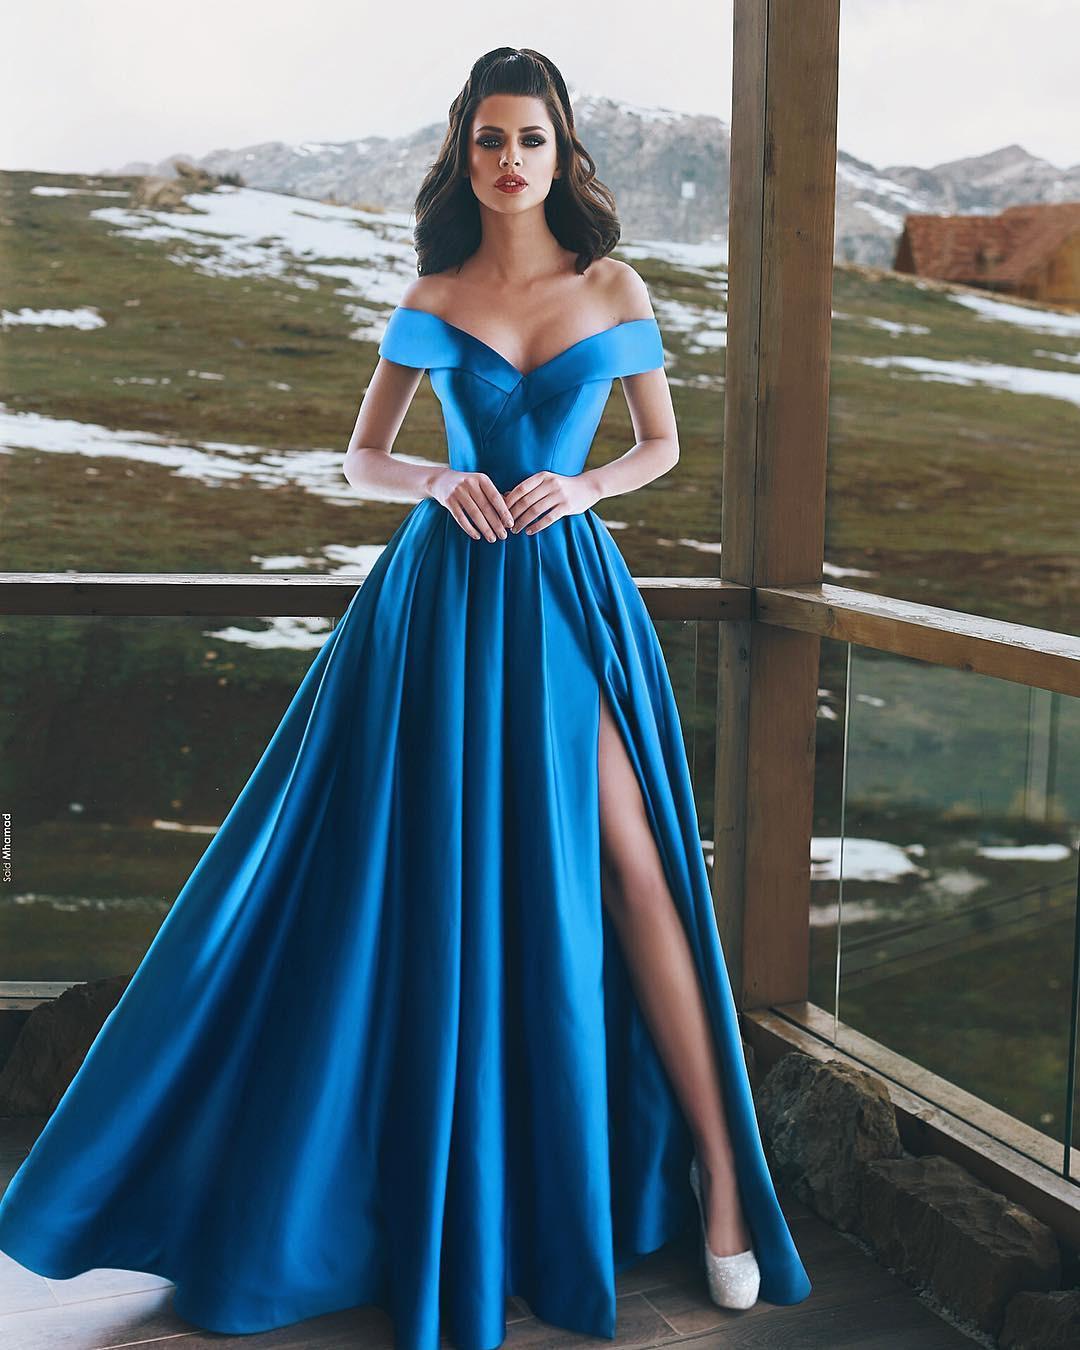 Designer Luxus A Linie Abendkleider Lang Boutique17 Genial A Linie Abendkleider Lang Boutique